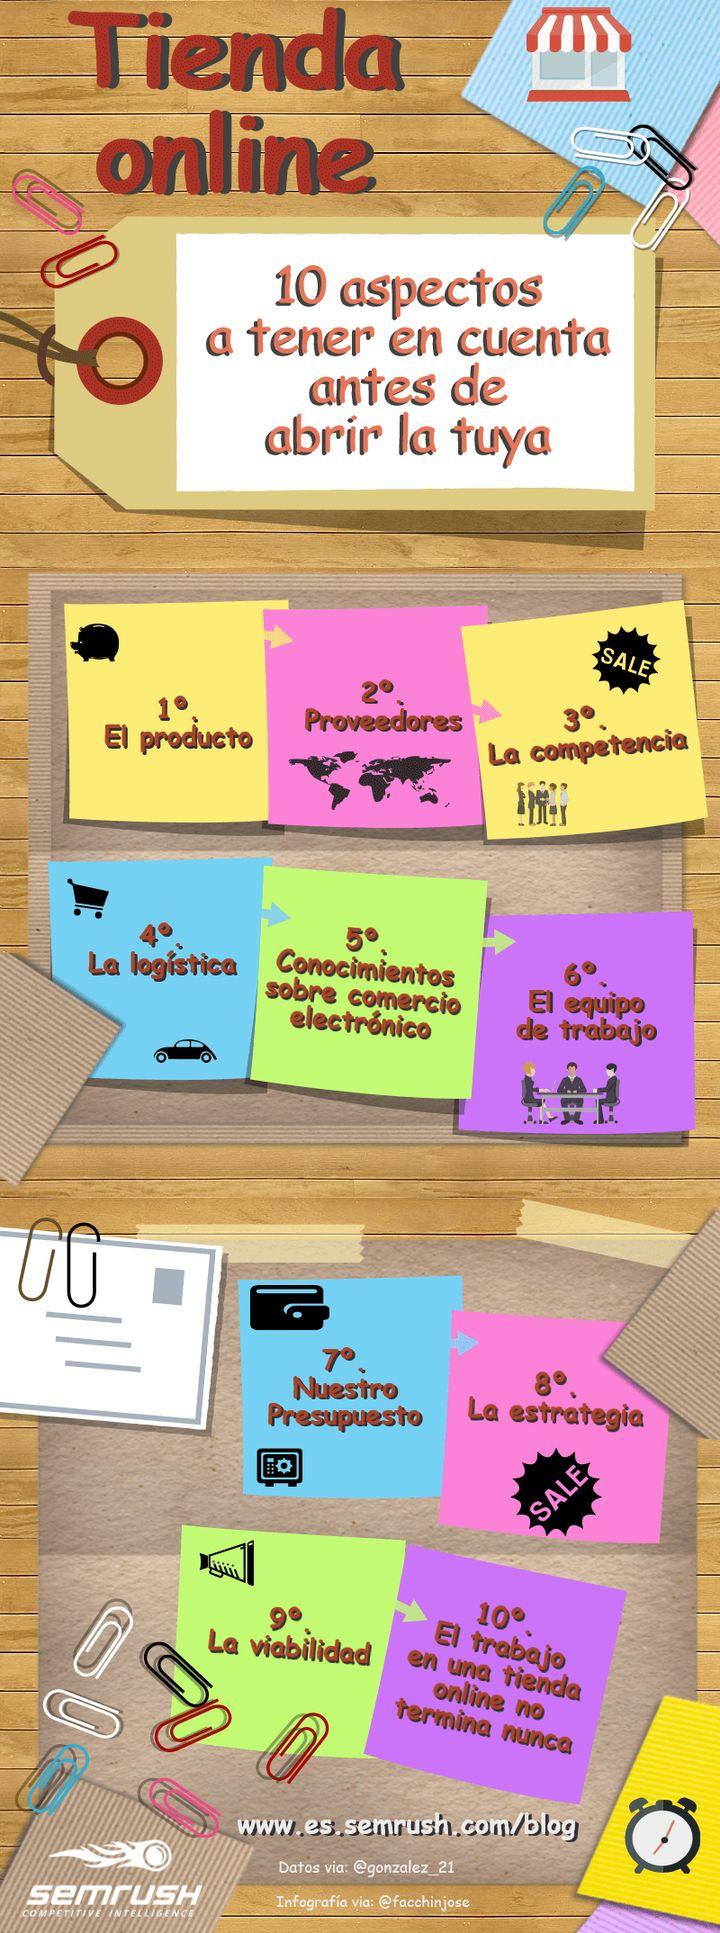 Abrir una tienda online: 10 aspectos a tener en cuenta #ecommerce #comercioelectronico